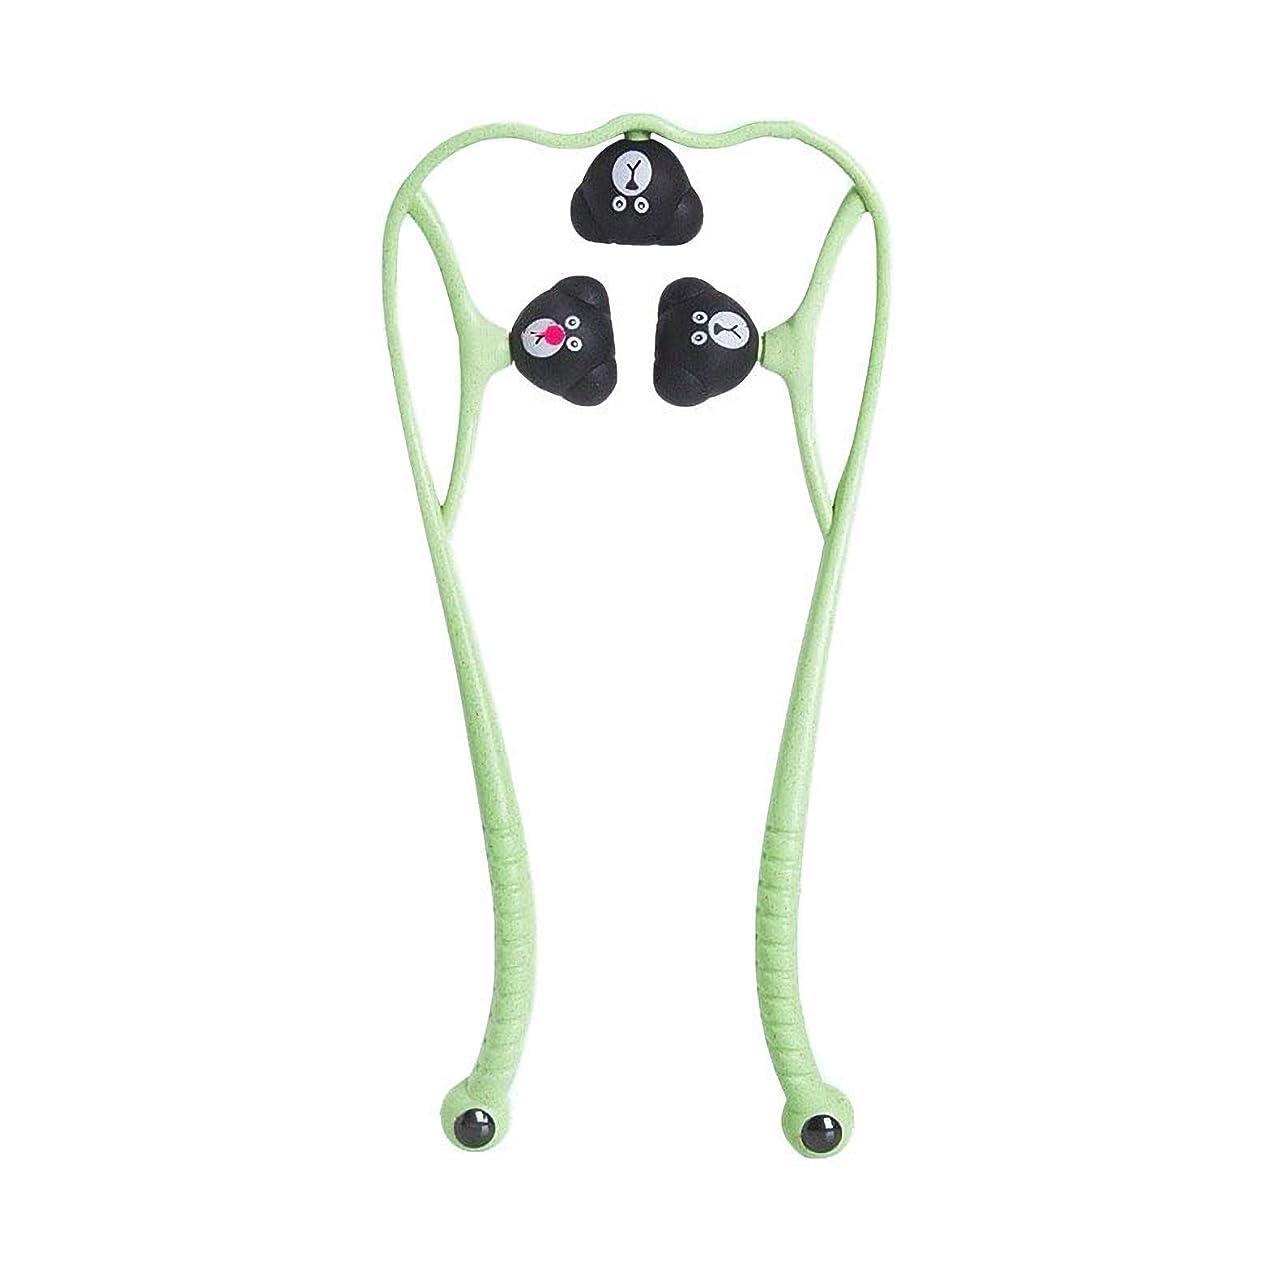 堂々たるアロング液体手動頚椎マッサージ器肩頸マッサージボールの痛み解消用品